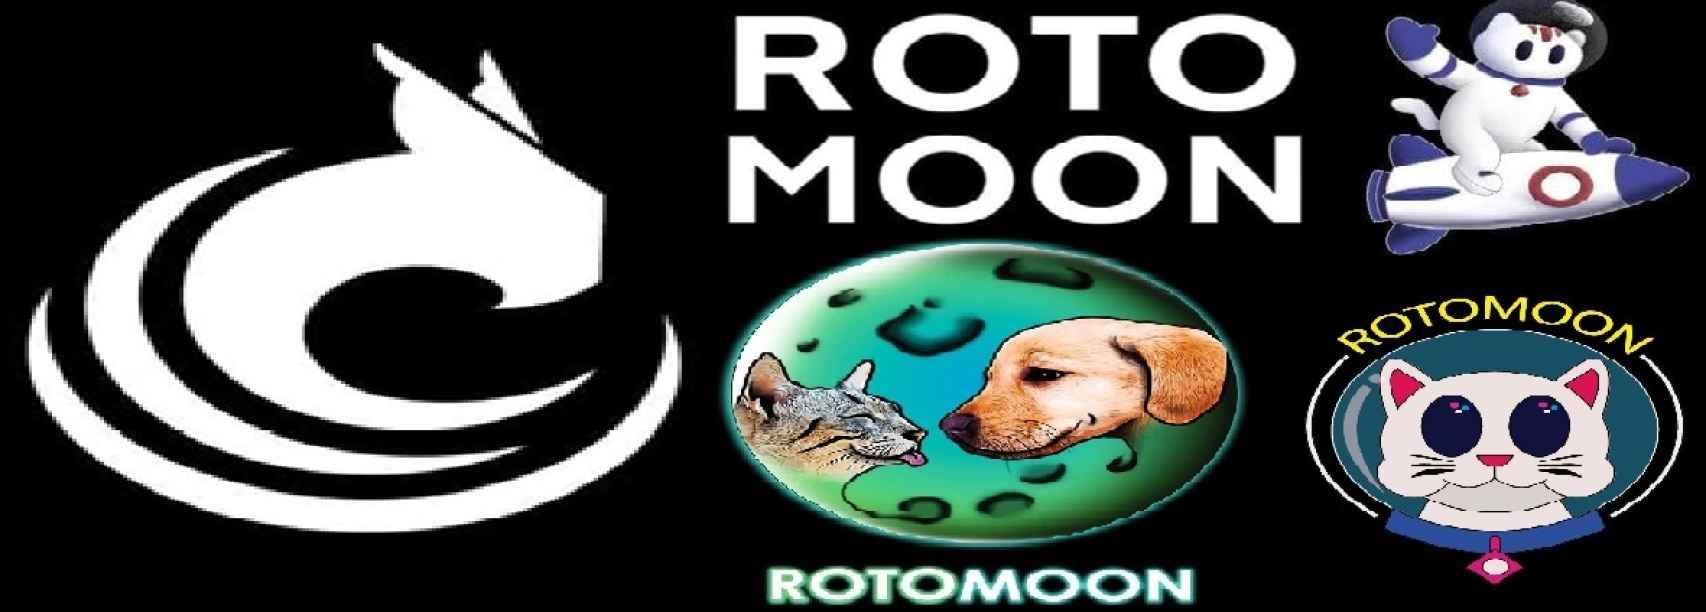 Propuestas de logotipo para el rotomoon, con el ganador a la izquierda.